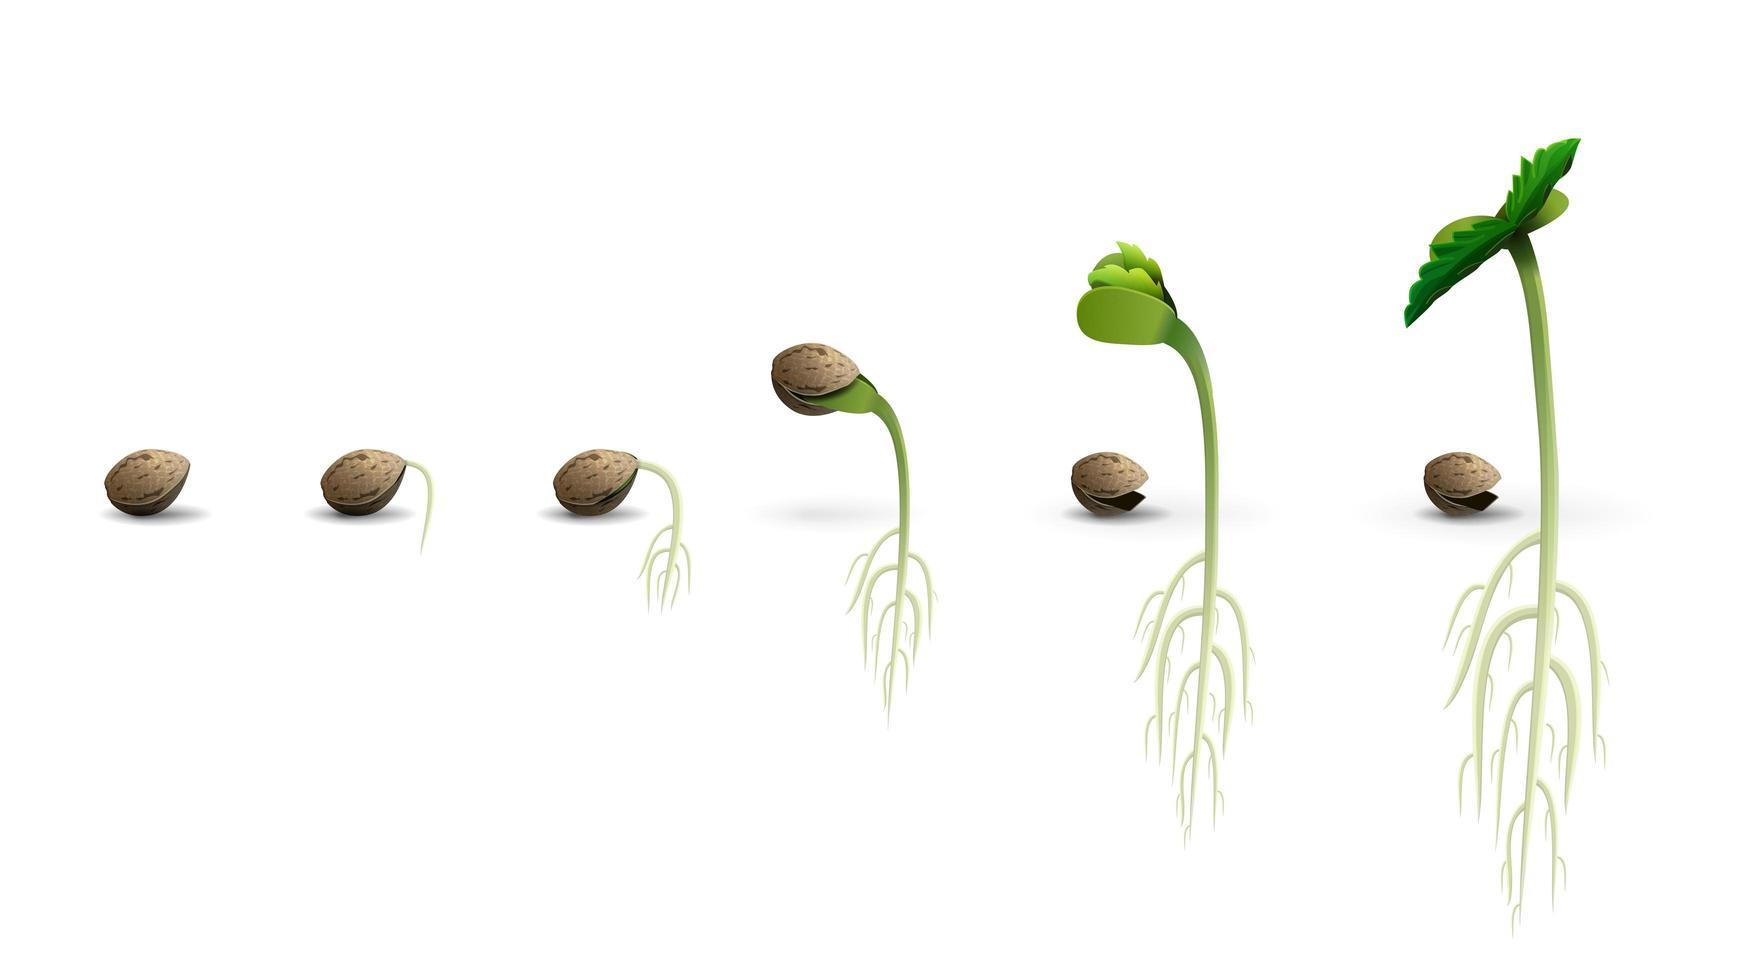 estágios da germinação de sementes de cannabis vetor